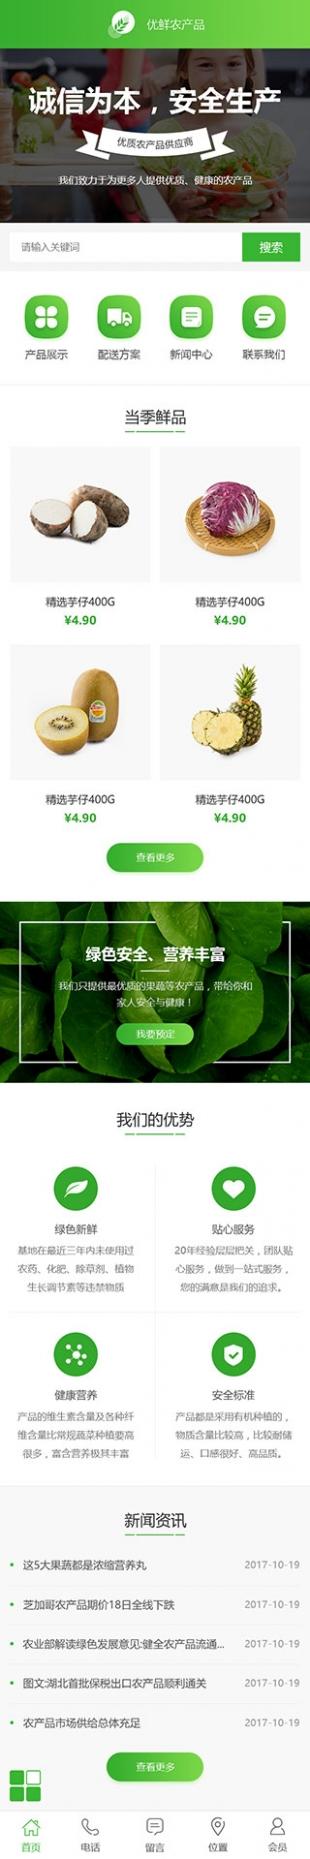 农产品类网站通用模板手机图片